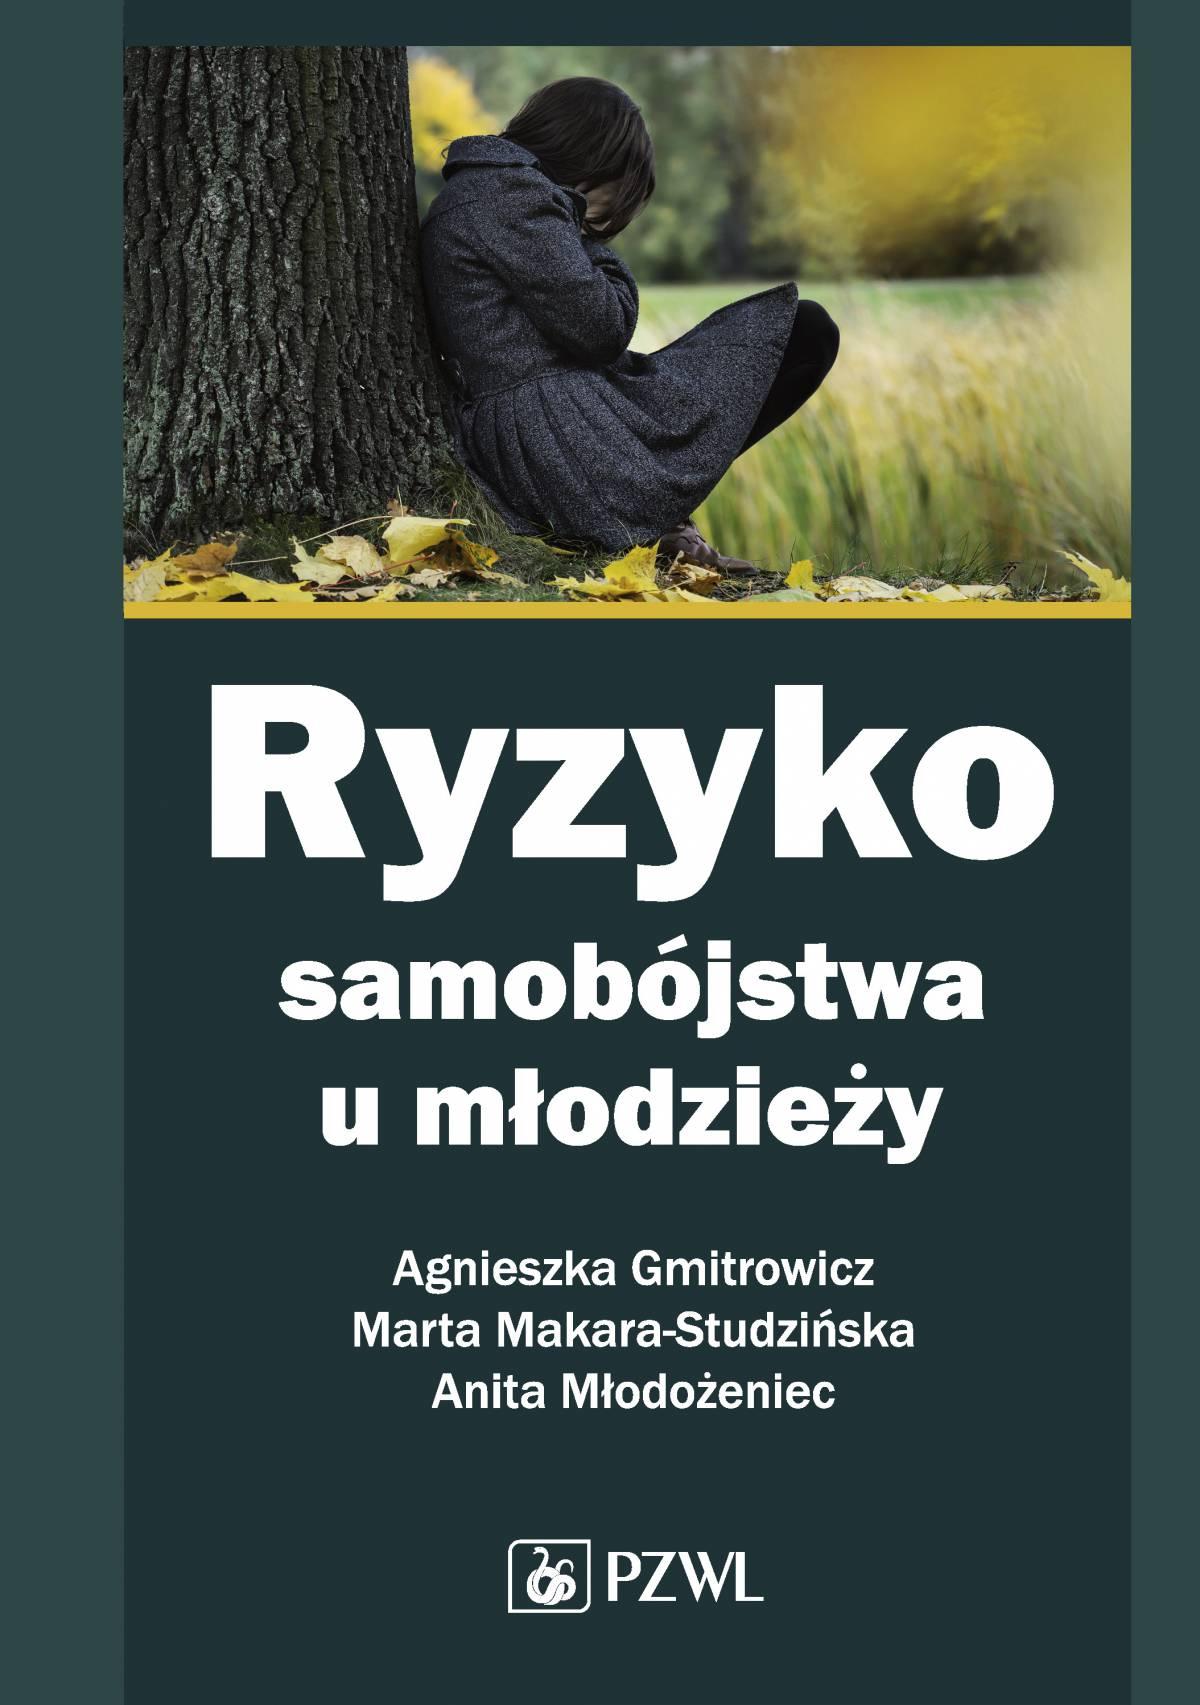 Ryzyko samobójstwa u młodzieży - Ebook (Książka na Kindle) do pobrania w formacie MOBI